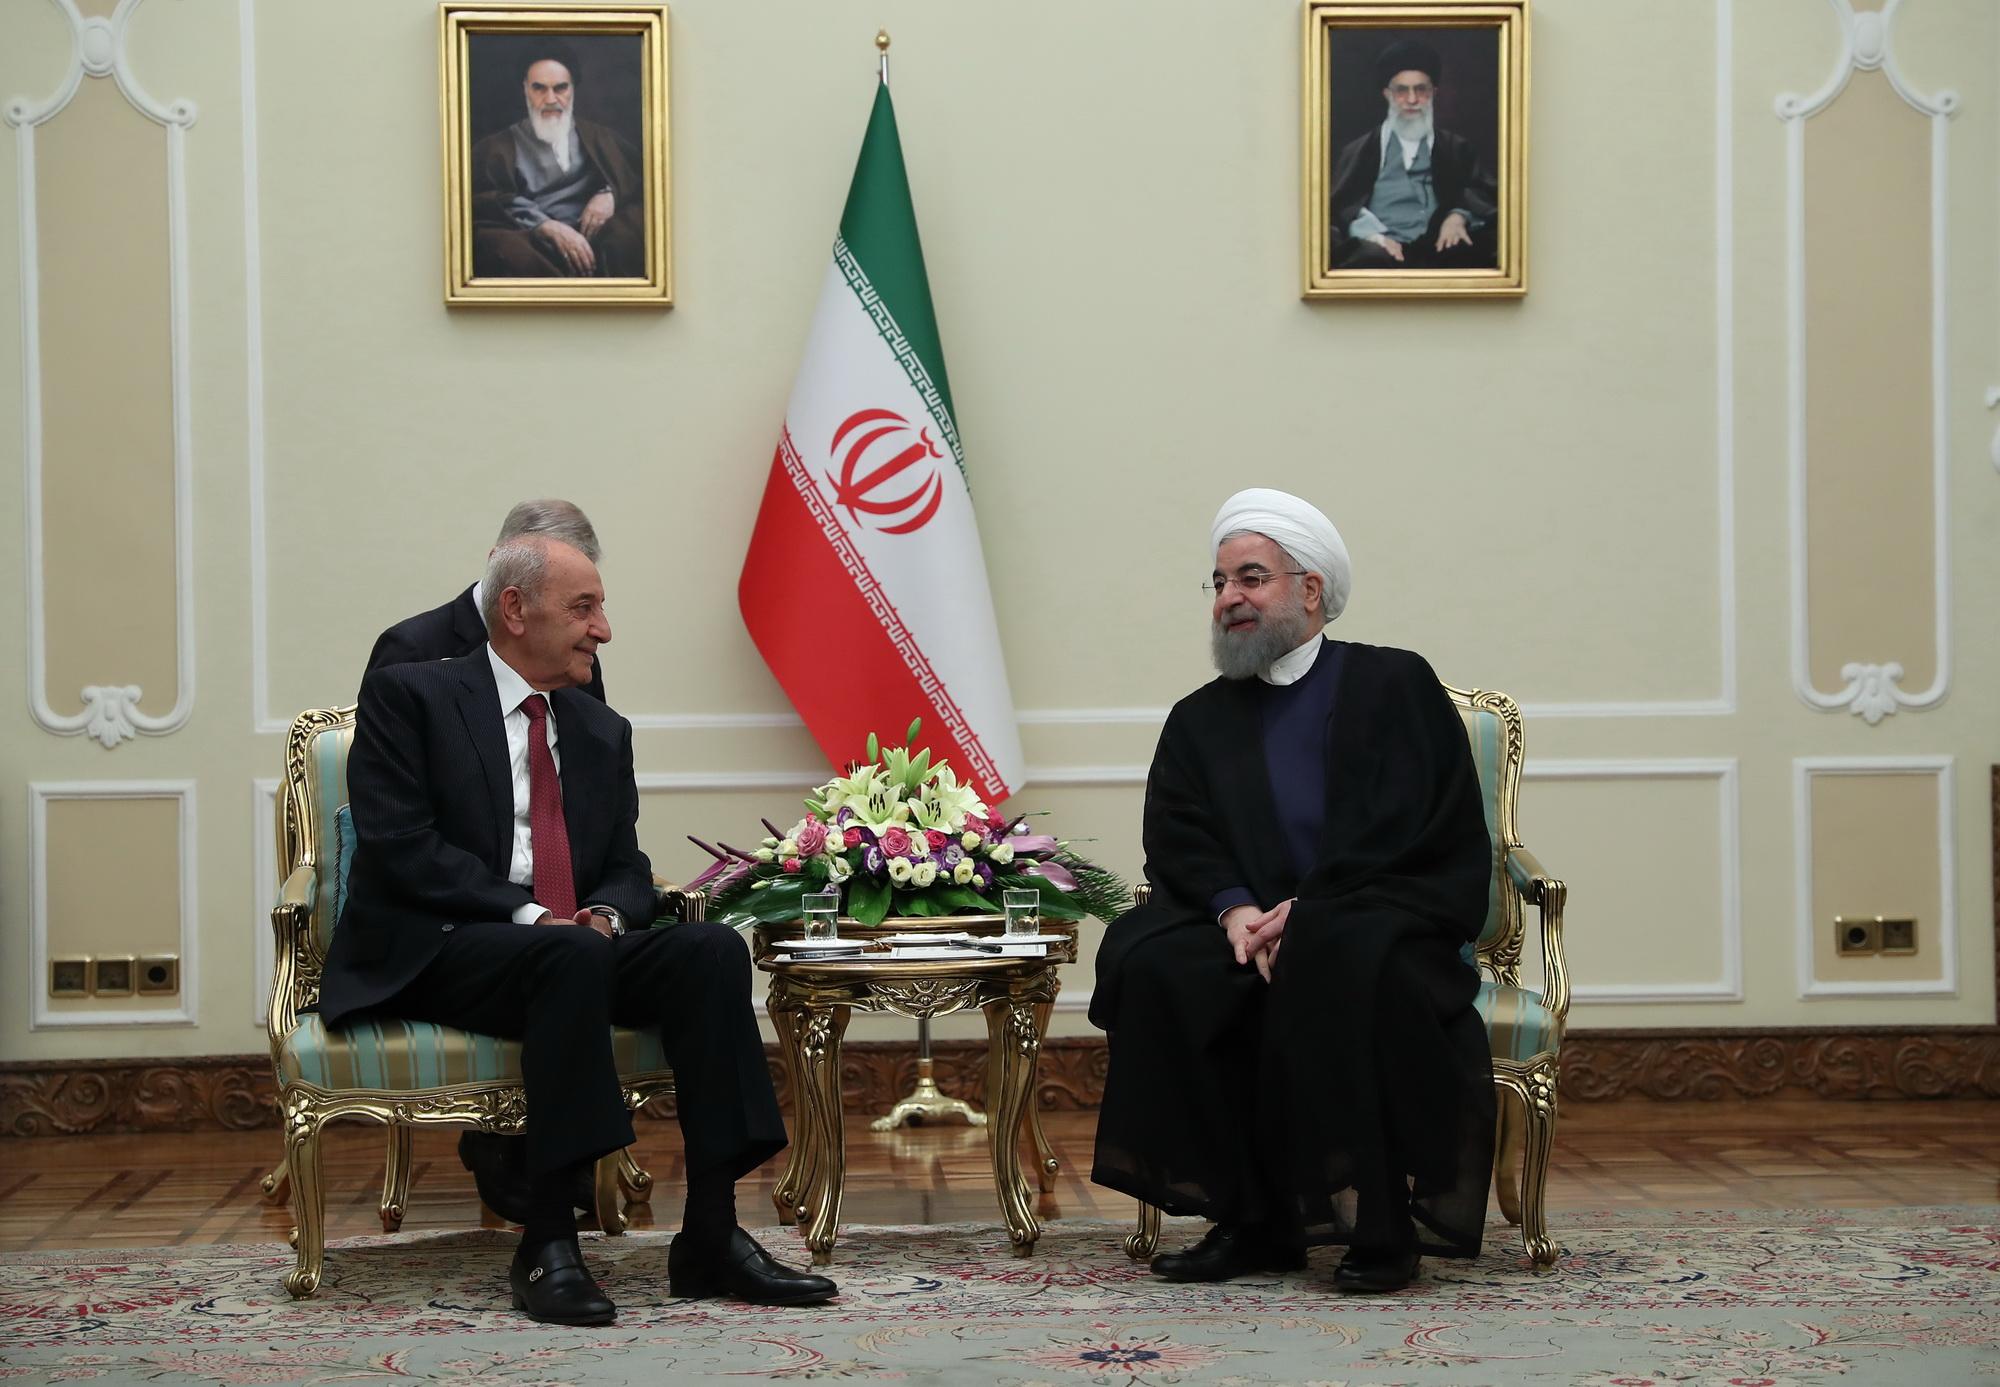 ایران همواره در کنار دولت، ملت و مقاومت لبنان خواهد بود/ صهیونیسم و تروریسم دو خطر بزرگ در منطقه است